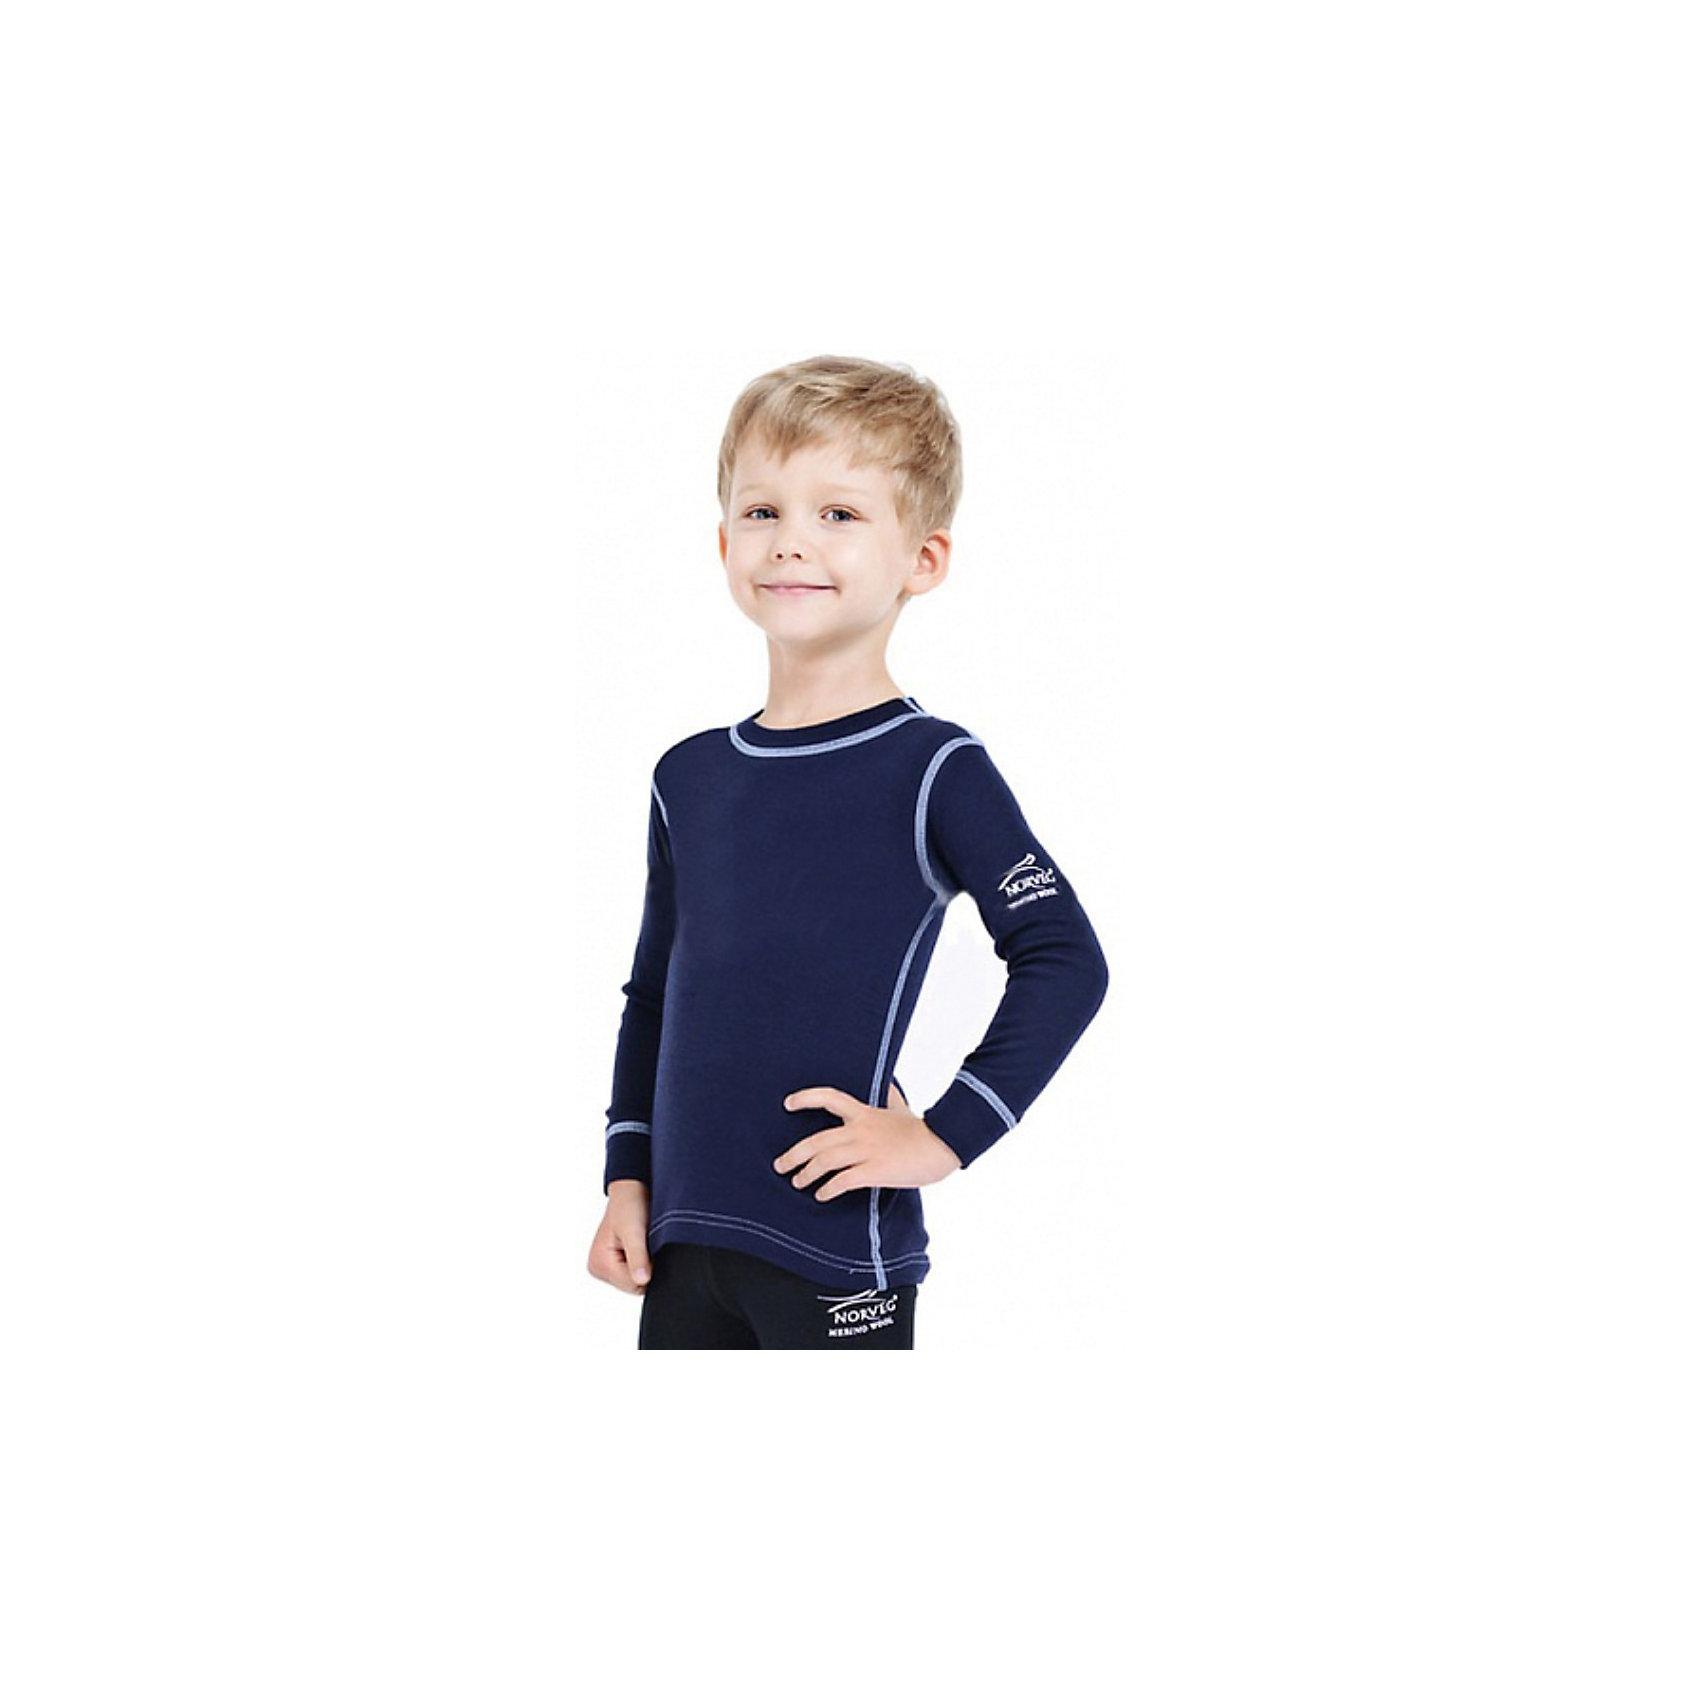 Футболка с длинным рукавом для мальчика NorvegФутболки с длинным рукавом<br>Футболка с длинным рукавом от известного бренда Norveg<br><br>Термофутболка Norveg Soft Shirt от немецкой компании Norveg (Норвег) - это удобная и красивая одежда, которая обеспечит комфортную терморегуляцию тела и на улице, и в помещении. <br>Она сделана из шерсти мериноса (австралийской тонкорунной овцы), которая обладает гипоаллергенными свойствами, поэтому не вызывает раздражения, даже если надета на голое тело.<br><br>Отличительные особенности модели:<br><br>- цвет: синий;<br>- швы плоские, не натирают и не мешают движению;<br>- анатомические резинки;<br>- материал впитывает влагу и сразу выводит наружу;<br>- анатомический крой;<br>- подходит и мальчикам, и девочкам;<br>- не мешает под одеждой.<br><br>Дополнительная информация:<br><br>- Температурный режим: от - 20° С  до +20° С.<br><br>- Состав: 100% шерсть мериноса<br><br>Футболку с длинным рукавом Norveg (Норвег) можно купить в нашем магазине.<br><br>Ширина мм: 230<br>Глубина мм: 40<br>Высота мм: 220<br>Вес г: 250<br>Цвет: синий<br>Возраст от месяцев: 3<br>Возраст до месяцев: 6<br>Пол: Мужской<br>Возраст: Детский<br>Размер: 68/74,116/122,80/86,92/98,104/110,128/134<br>SKU: 3895025